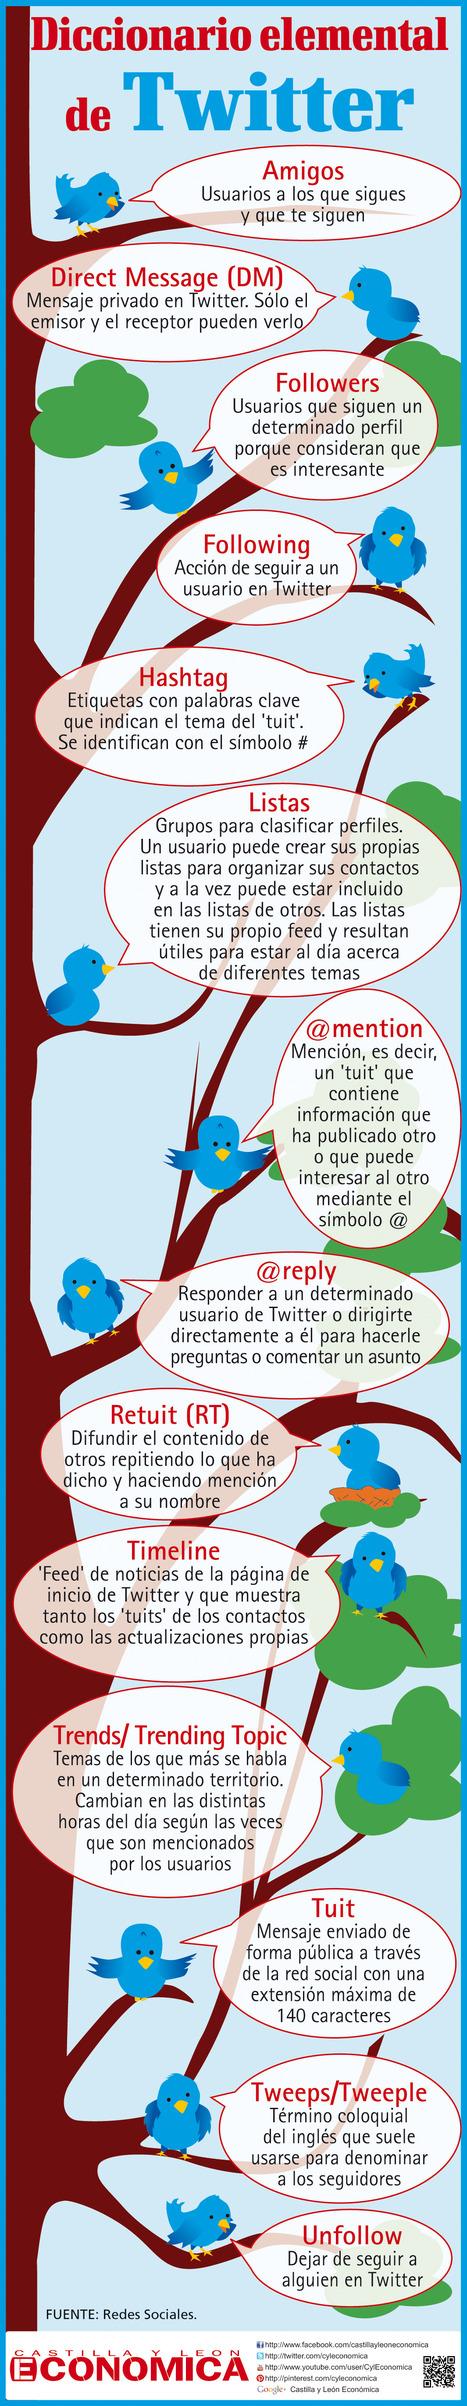 Diccionario elemental de Twitter #infografia ... - TICs y Formación | Pedalogica: educación y TIC | Scoop.it